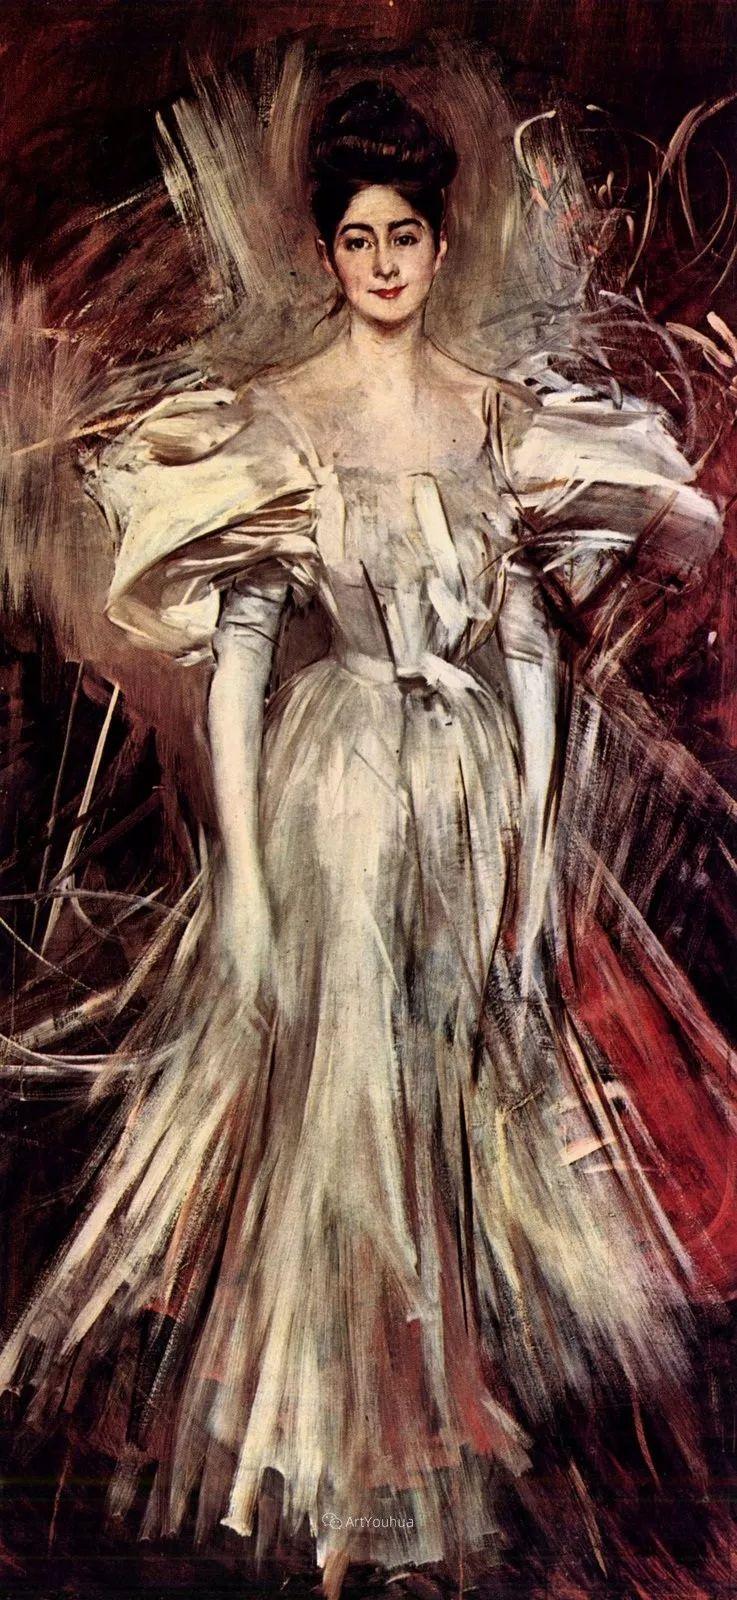 两种不同画风的美女,你喜欢哪一种!意大利画家Giovanni Boldini作品集插图52